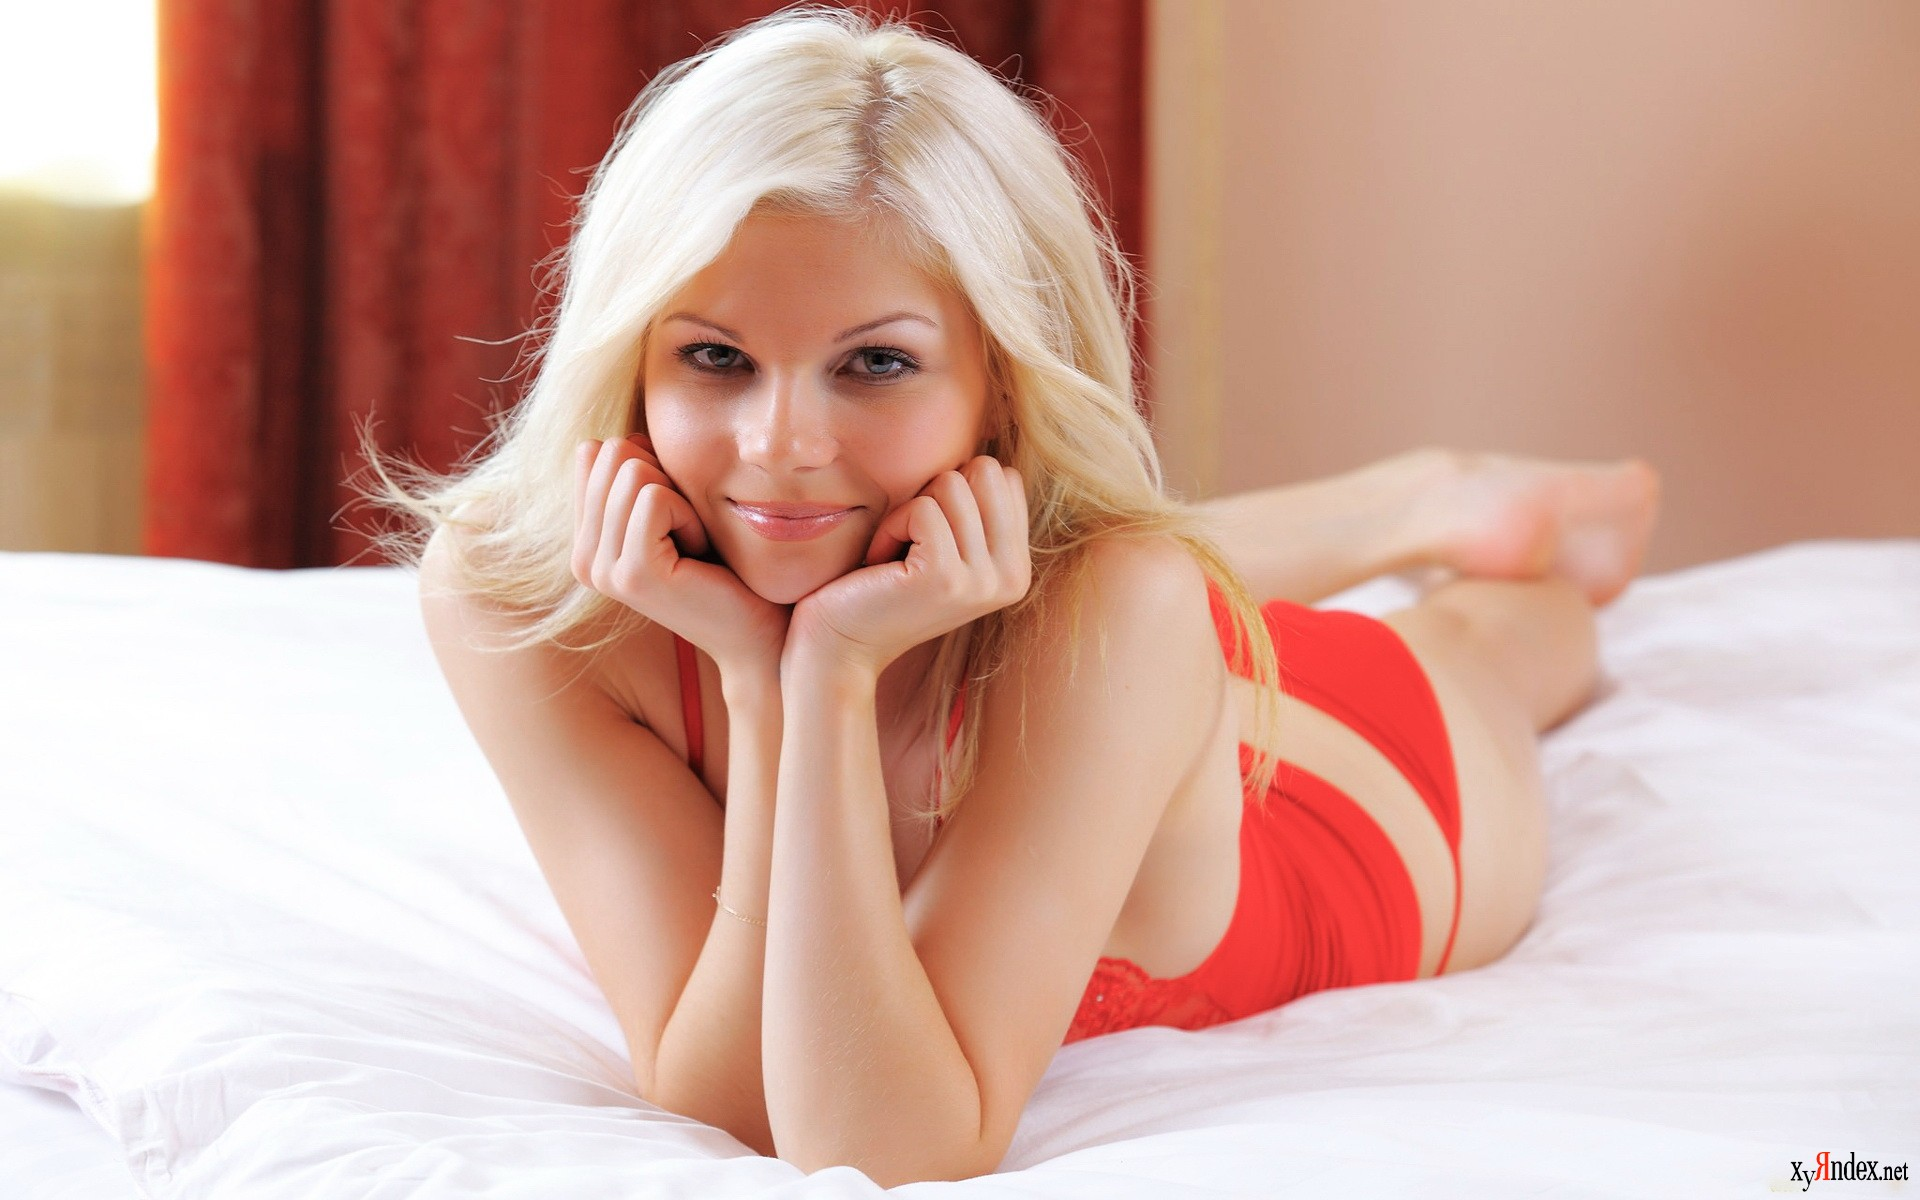 Фото блондинок красивых 18 21 фотография